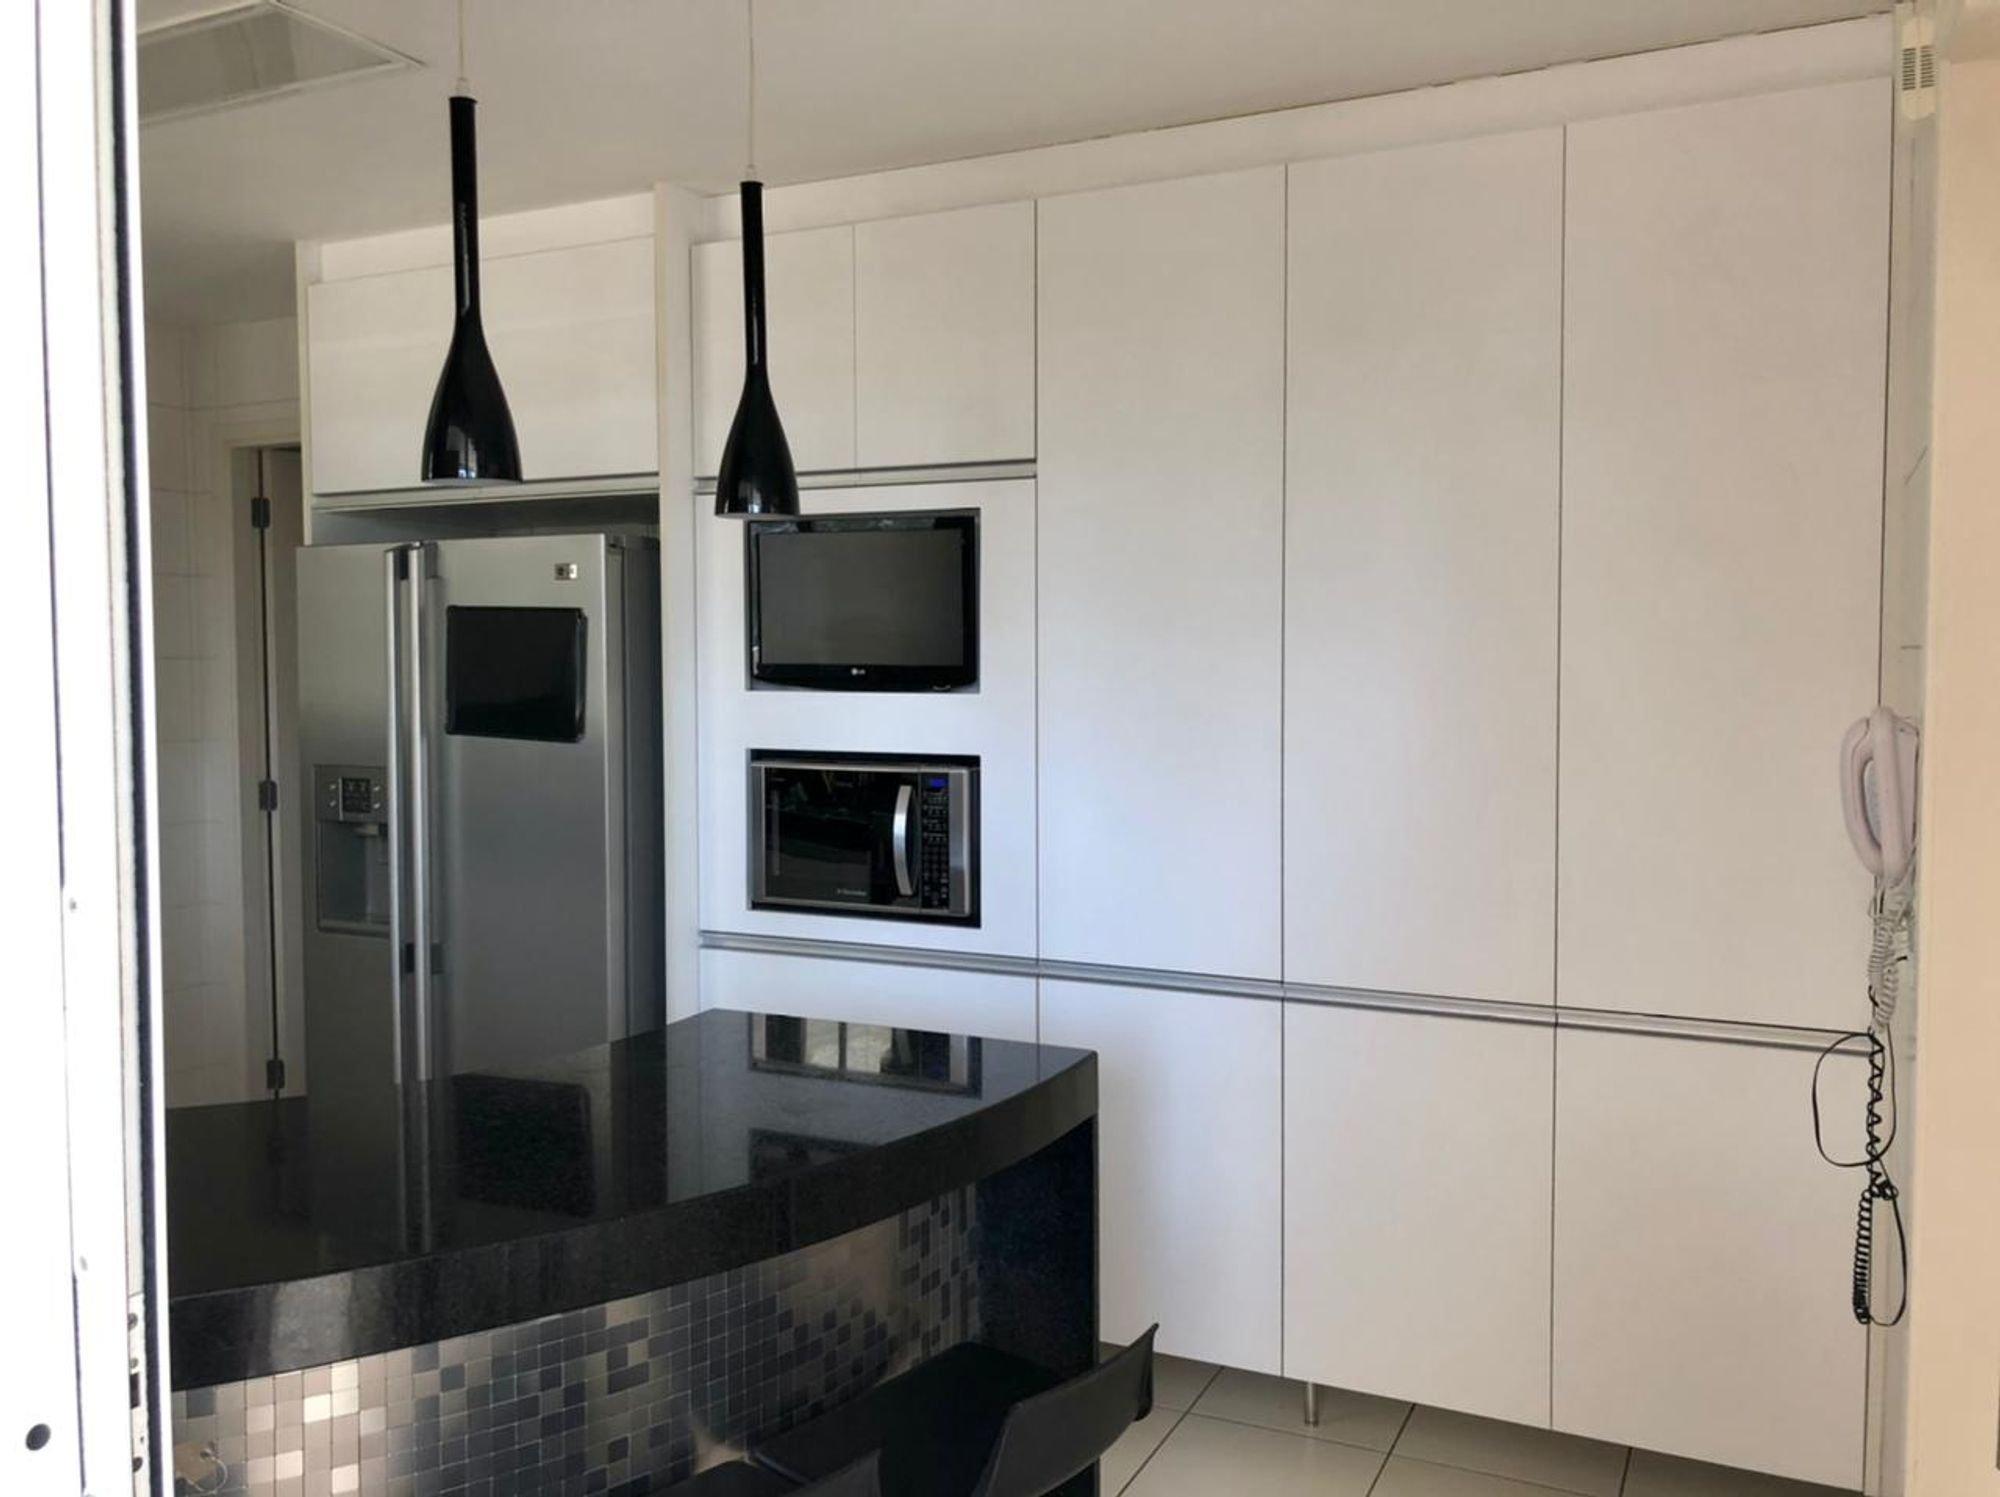 Foto de Cozinha com televisão, microondas